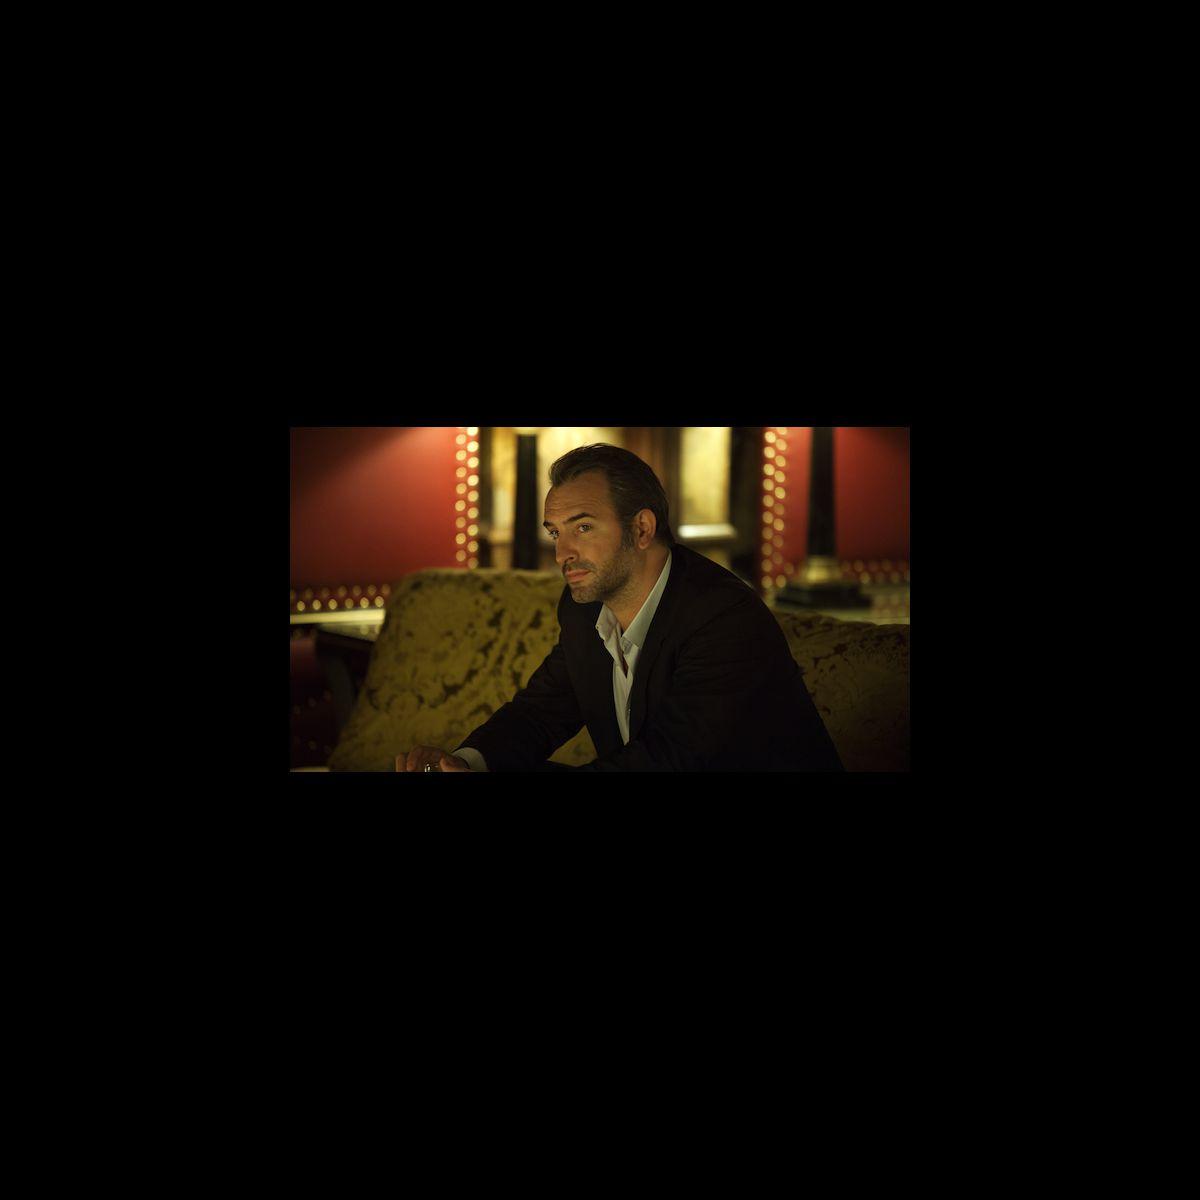 Jean dujardin on pense que je suis trop cher ou que j for Dujardin dernier film